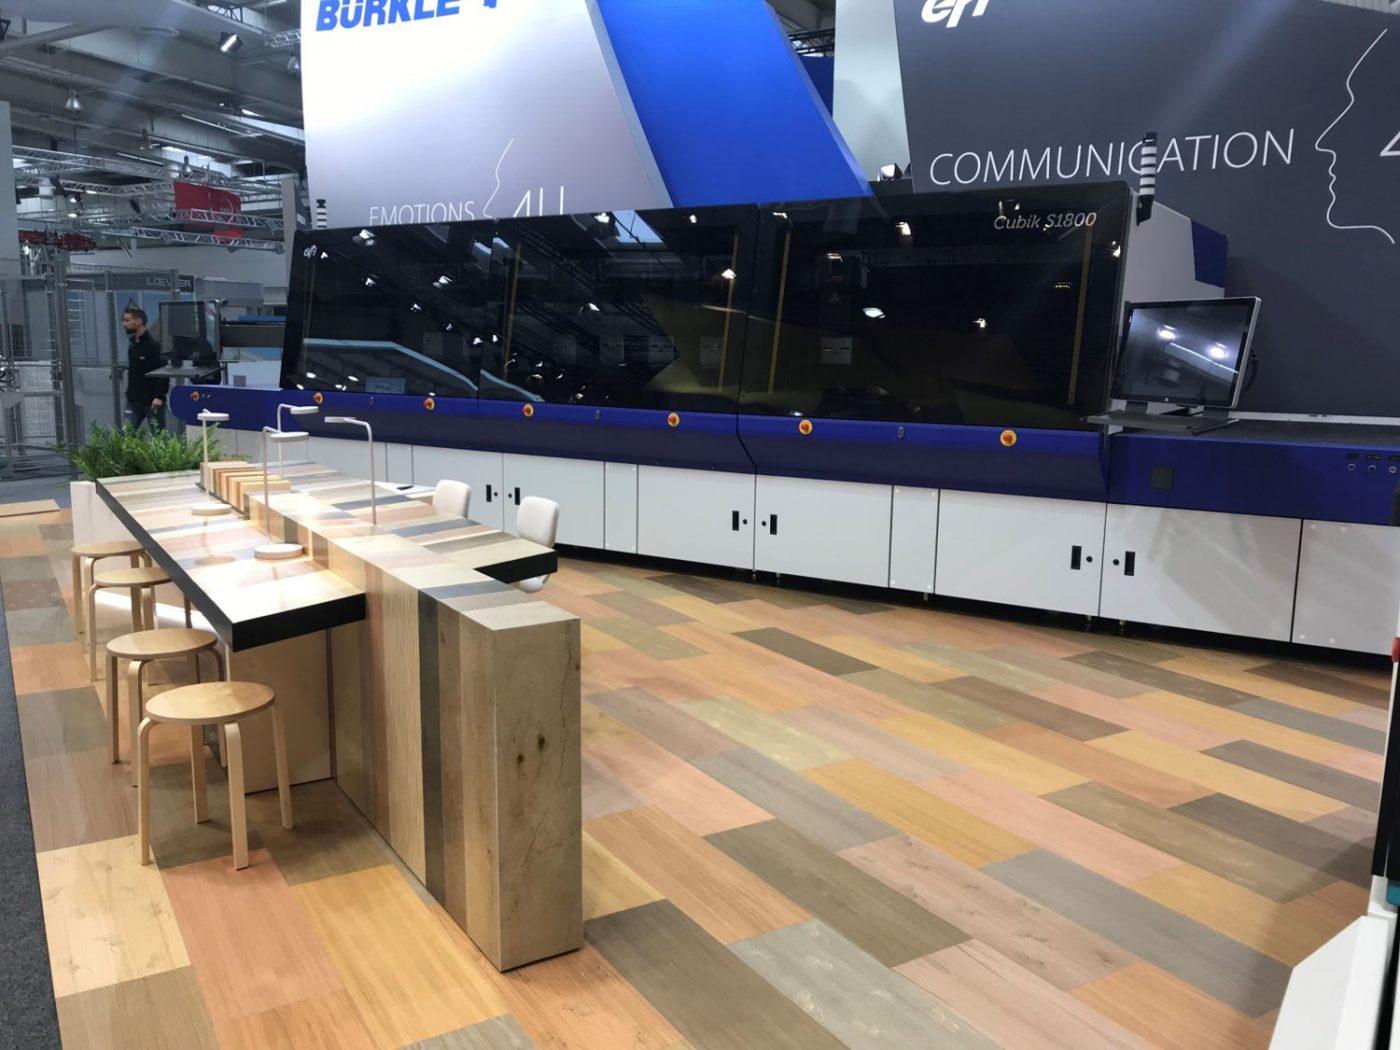 EFI™ se asocia con BÜRKLE para la comercialización de soluciones de decoración digital en madera con EFI Cubik